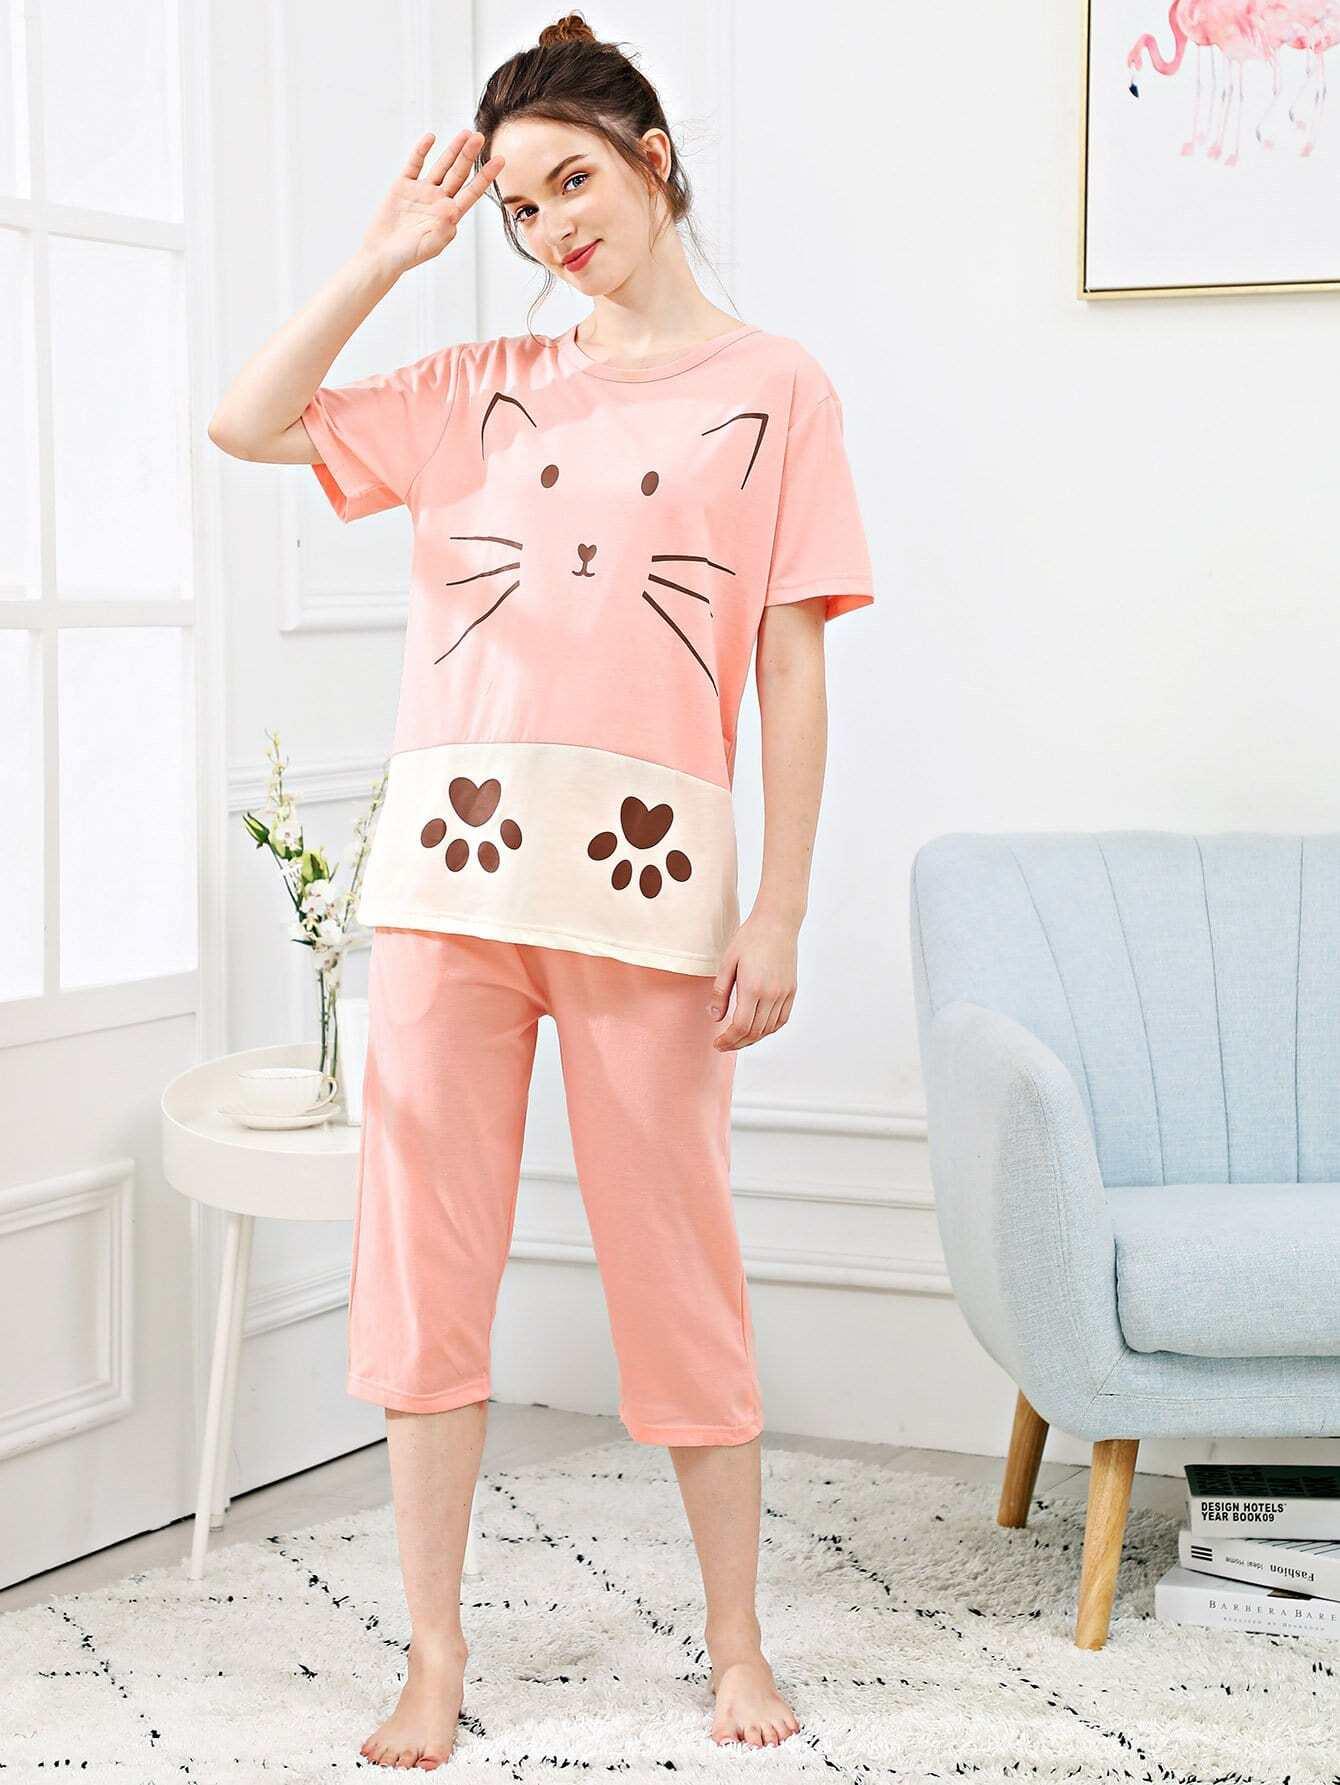 Купить Набор пижамы из нескольких цветов и с рисунком кота, Tory, SheIn